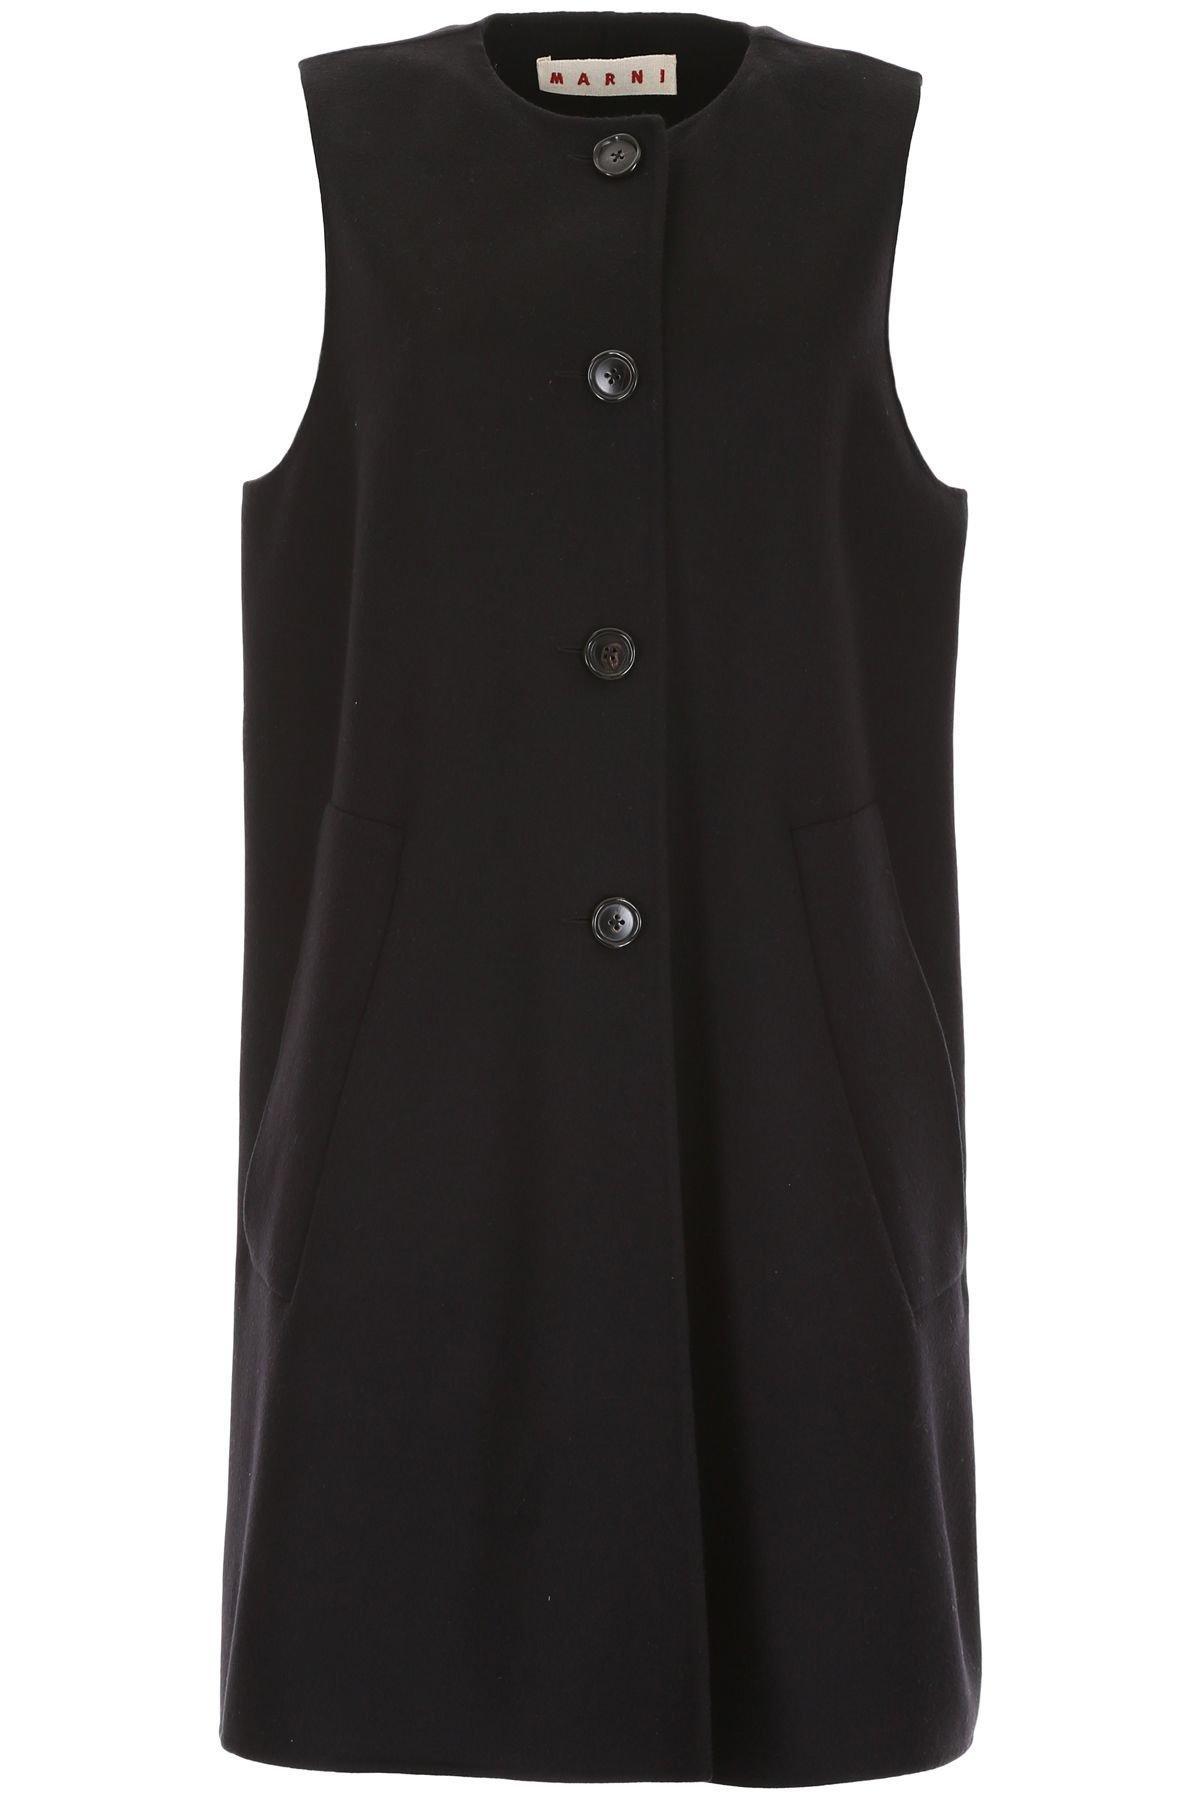 Marni Buttoned Vest